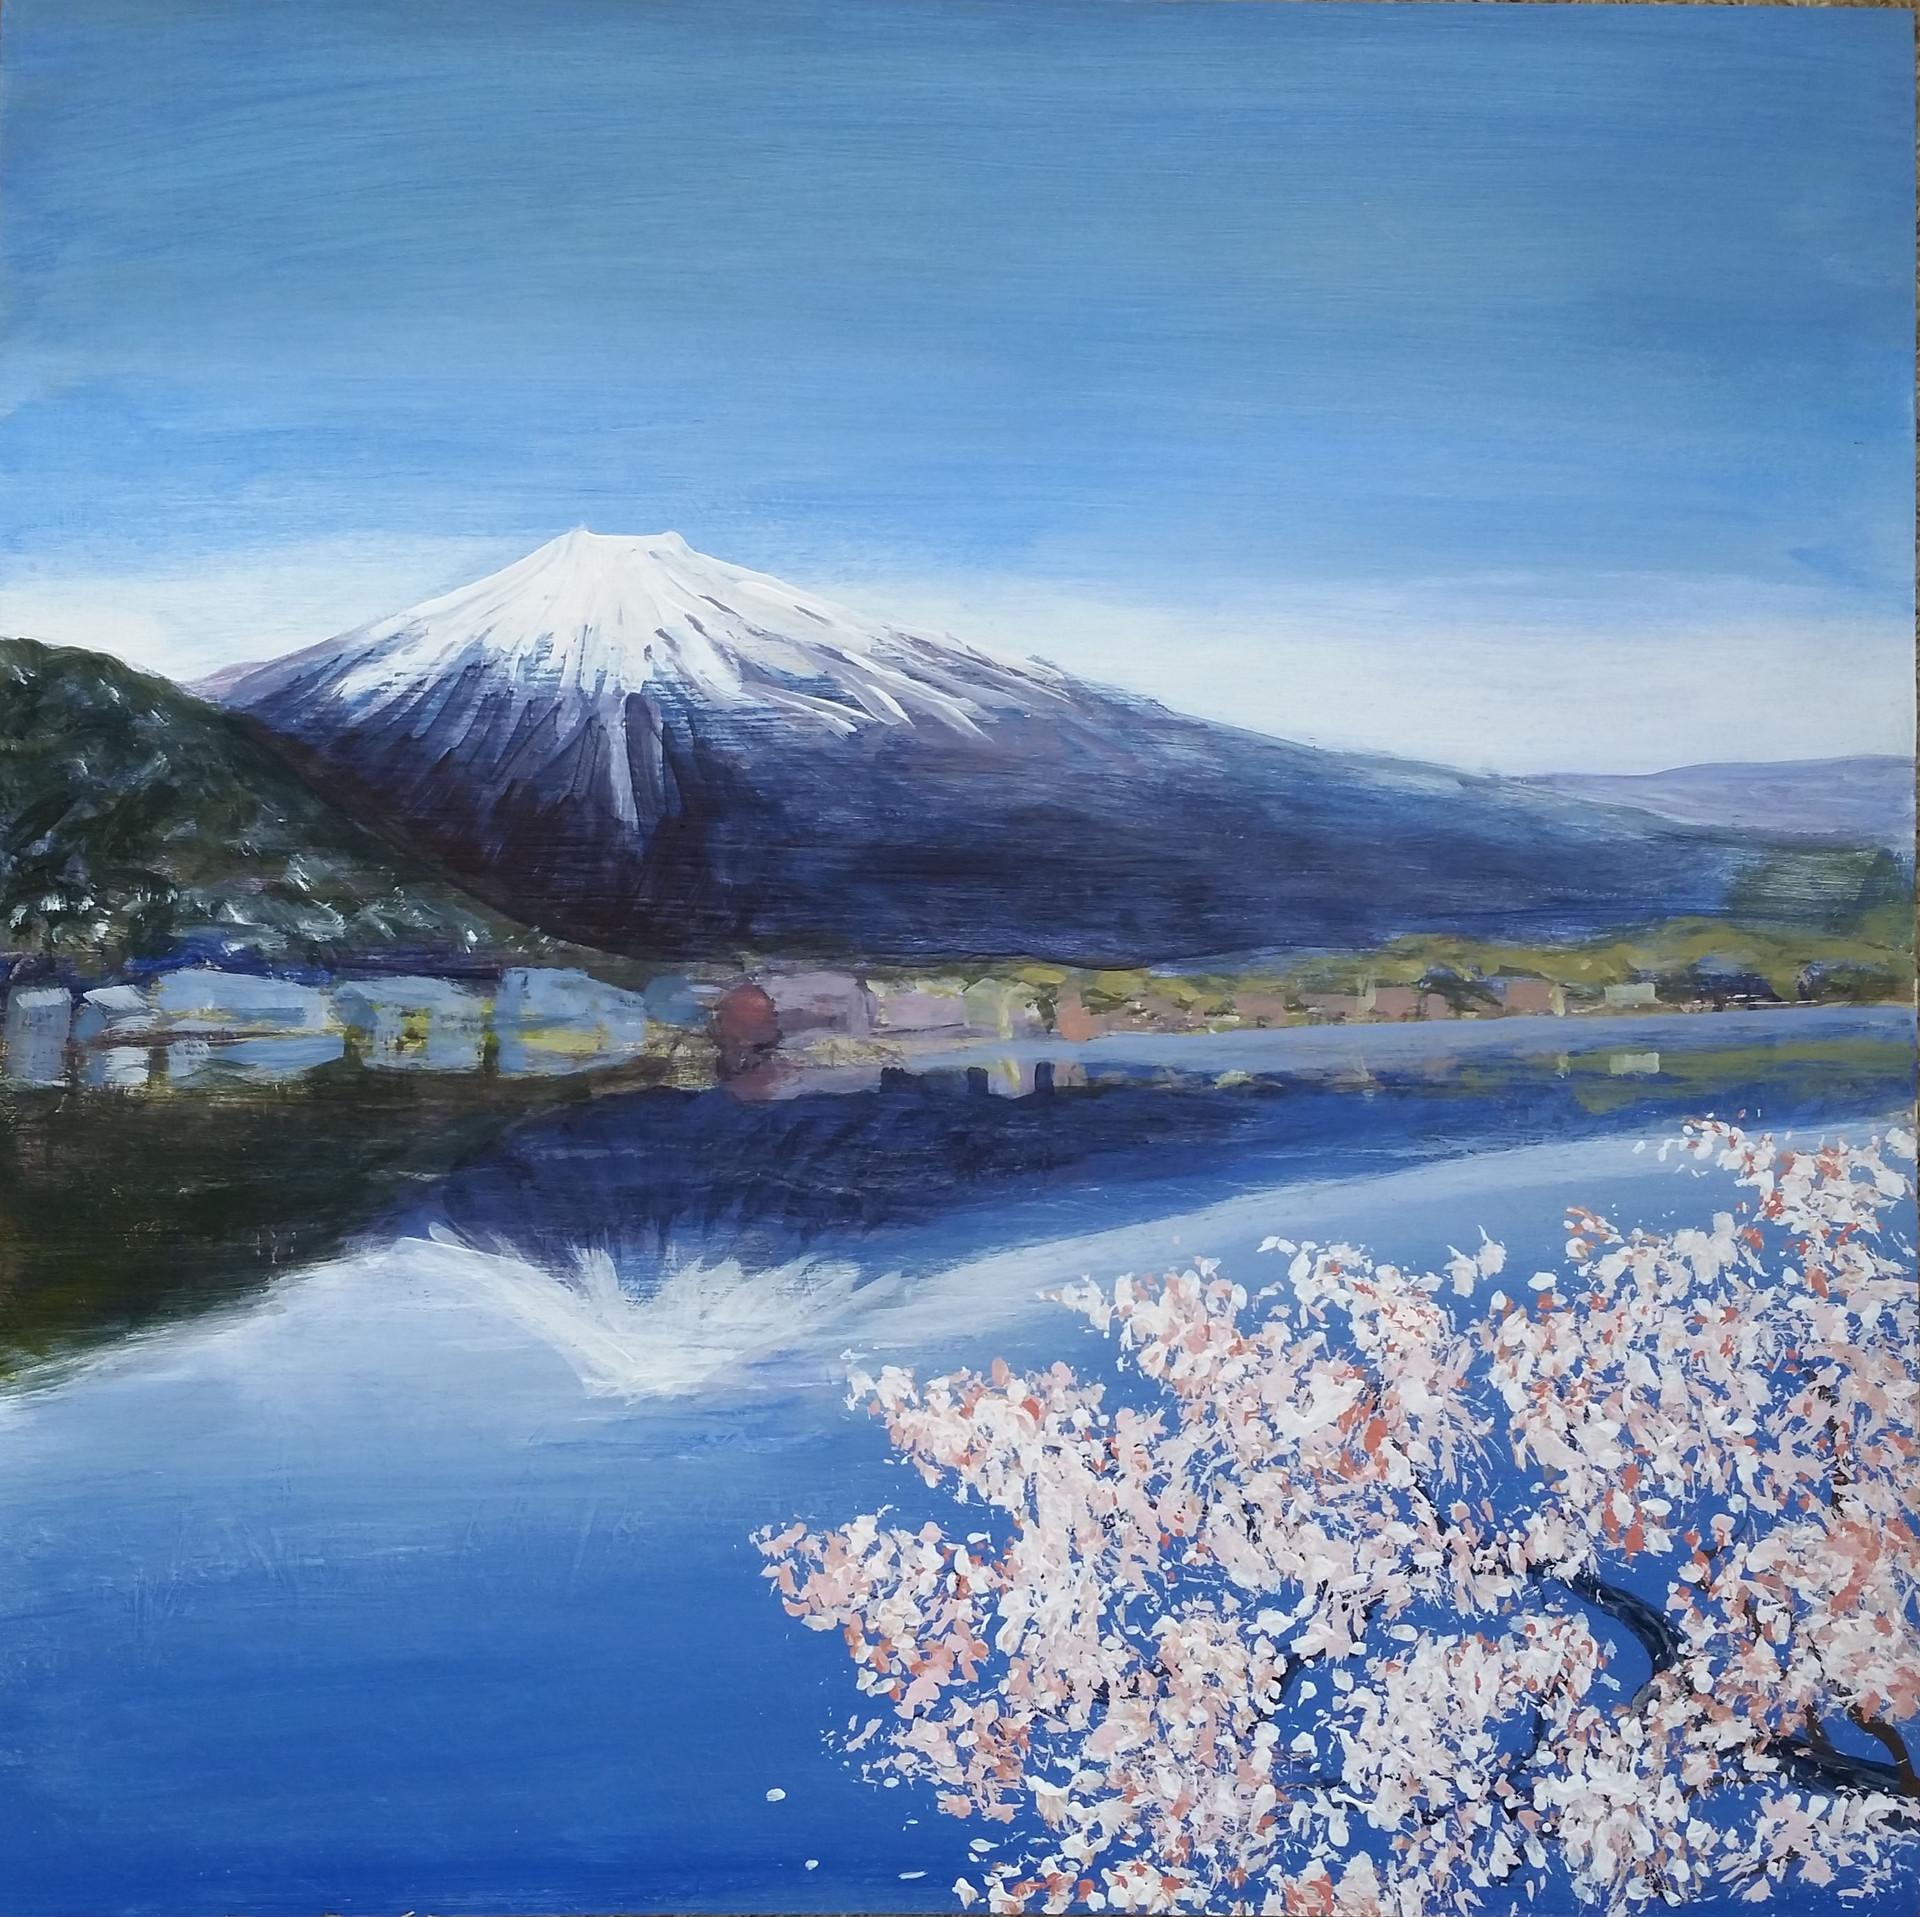 Fuji at Blossom Time